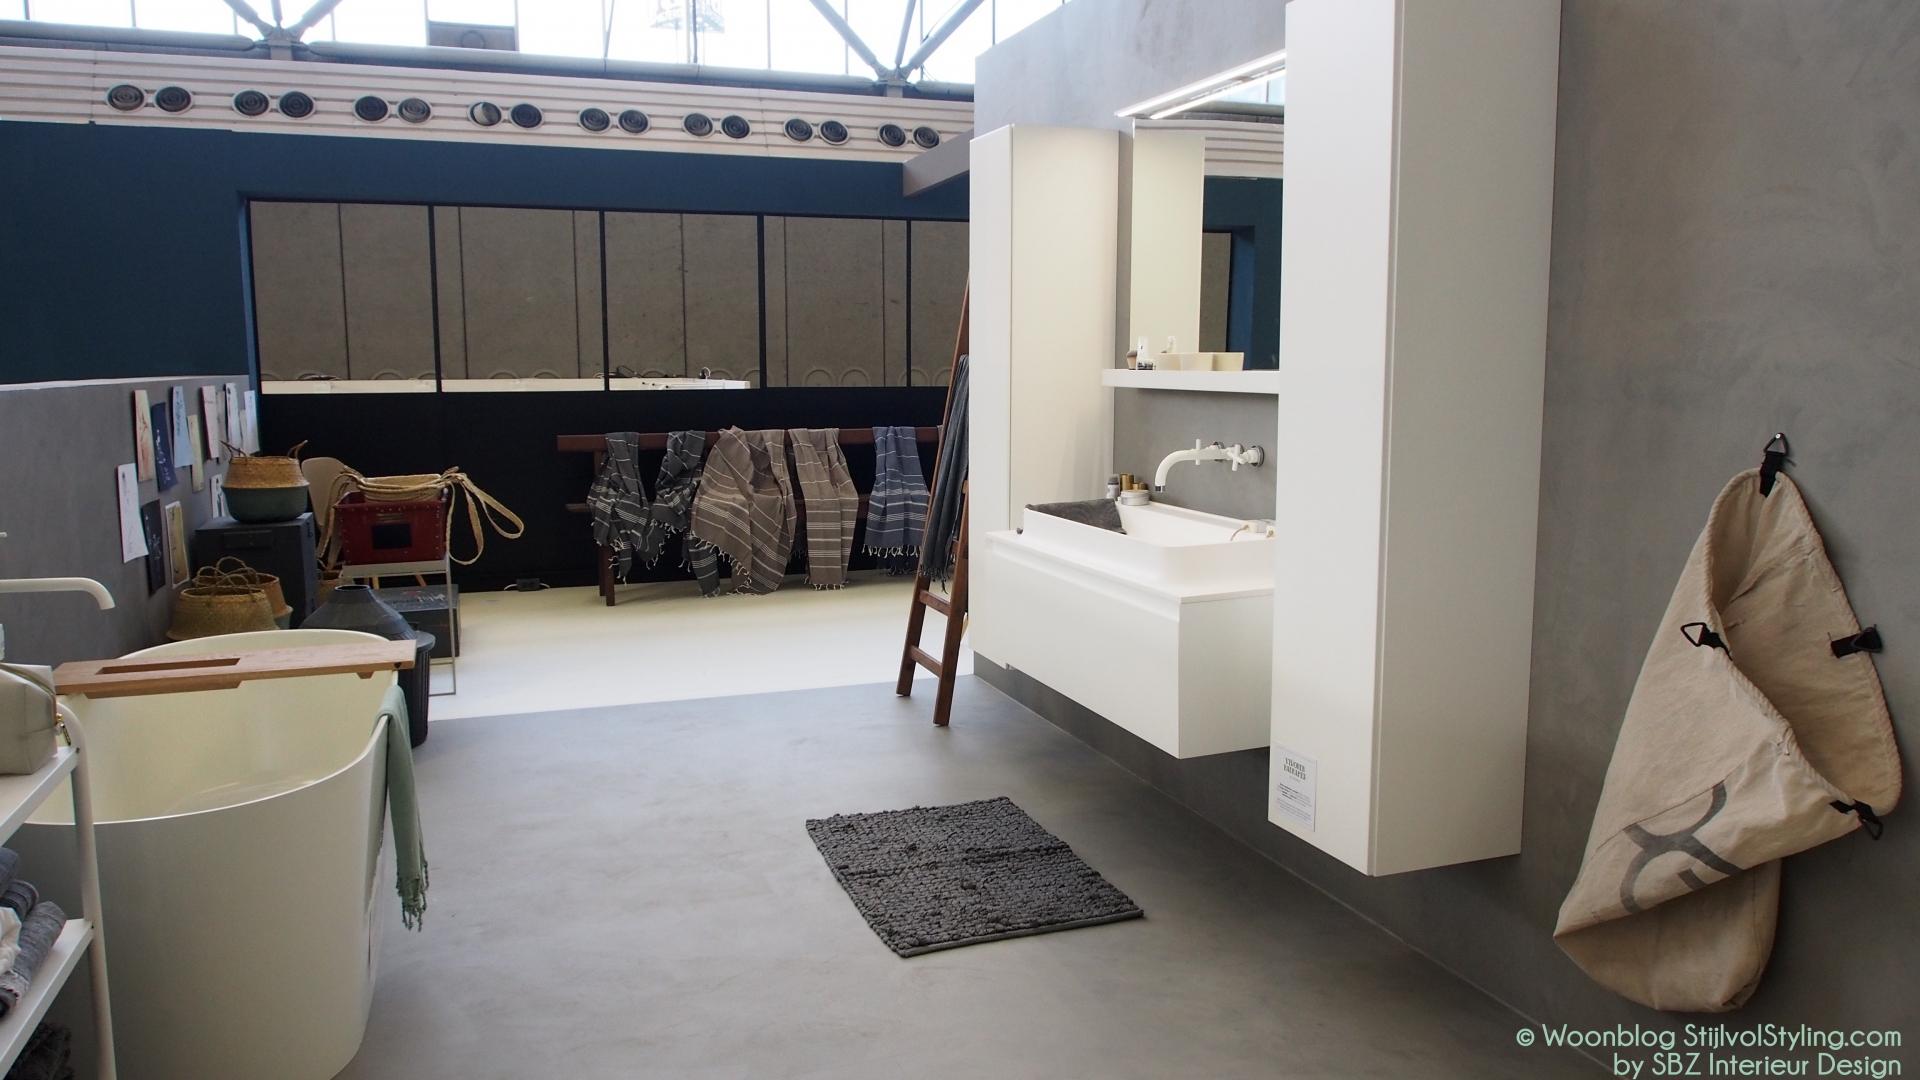 Binnenkijken het vtwonen huis stijlvol styling woonblog - Interieur eigentijds design huis ...